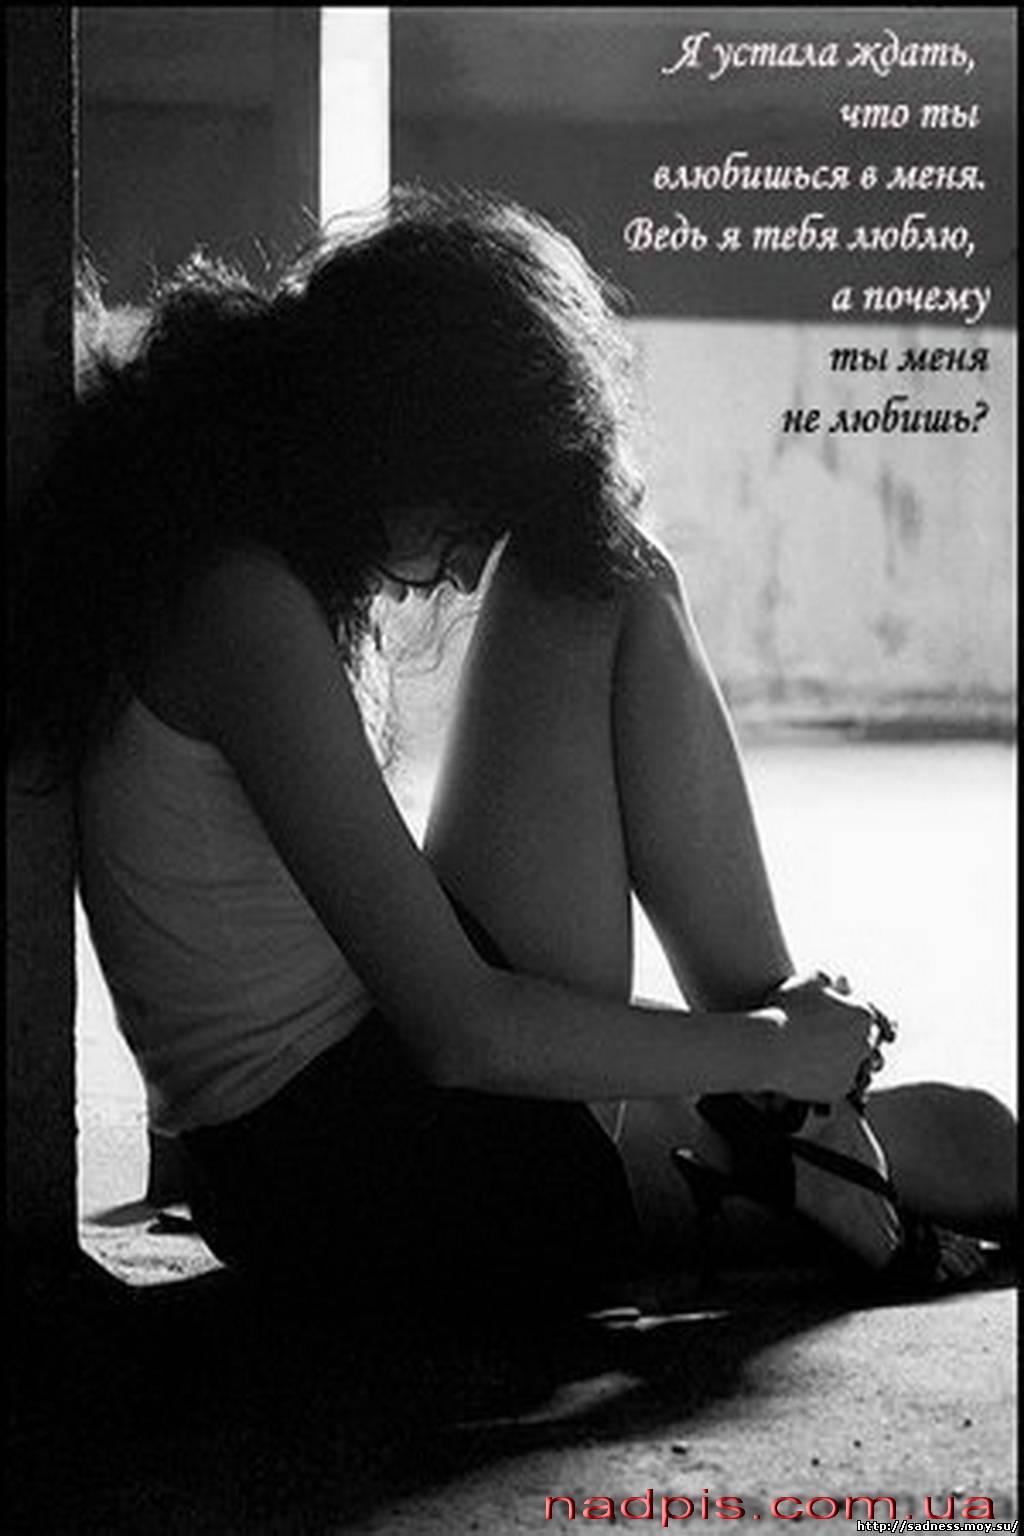 Фото как женщина занемаца любовю совчаркой 22 фотография